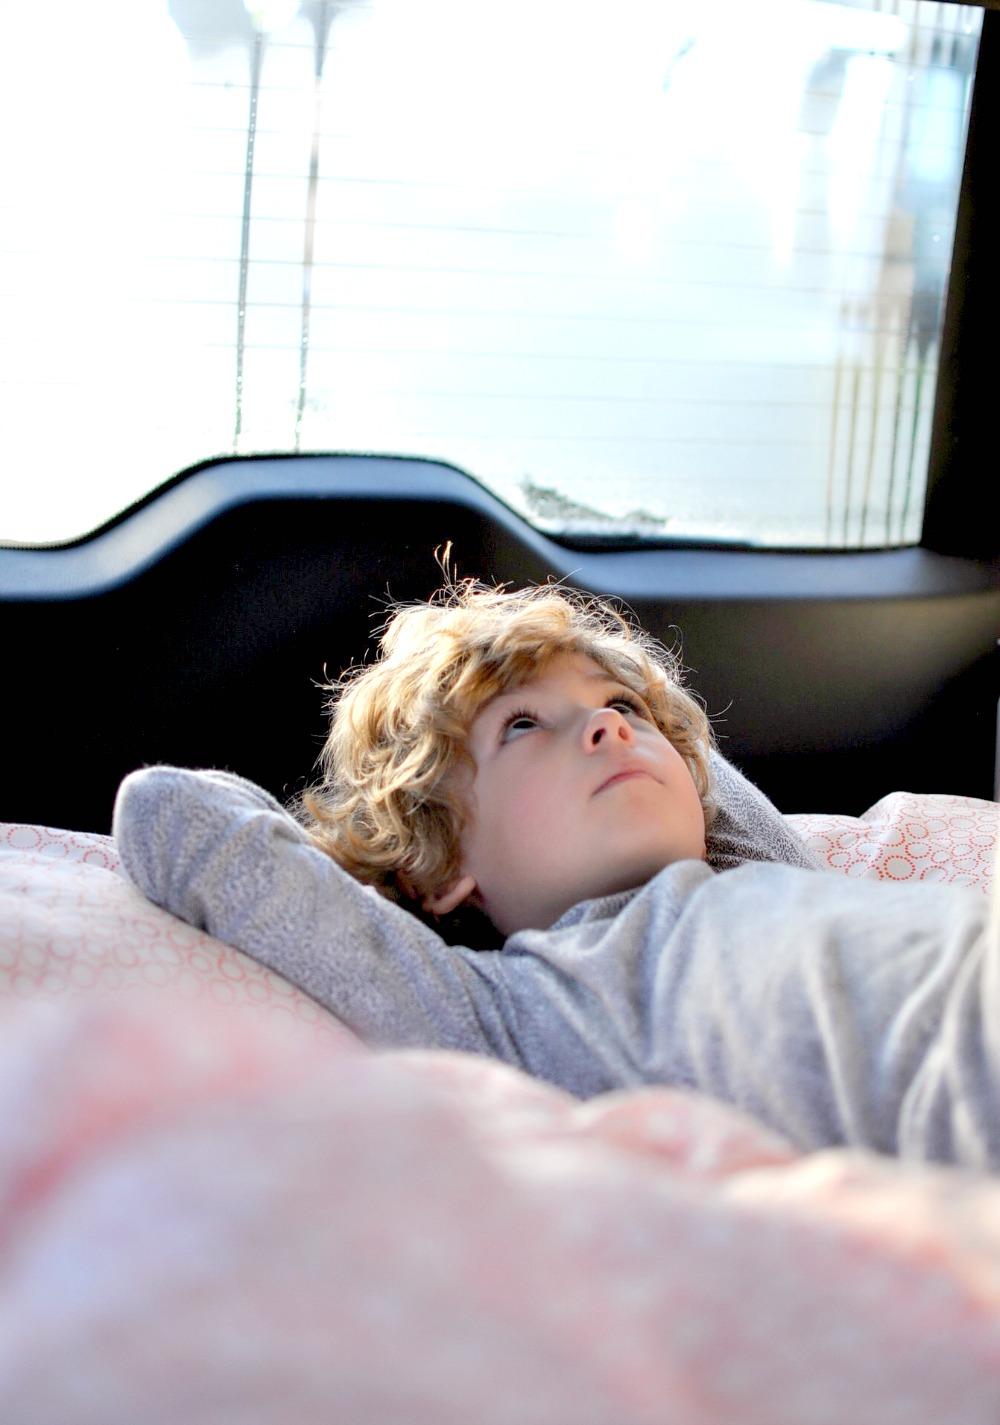 travel to spain, spain road trip, tour spain, road trip, road tip ideas, road trip with kids, best family road trips, best road trip cars, camper van rental, mercedes benz, mercedes, mercedes car, benz, barcelona